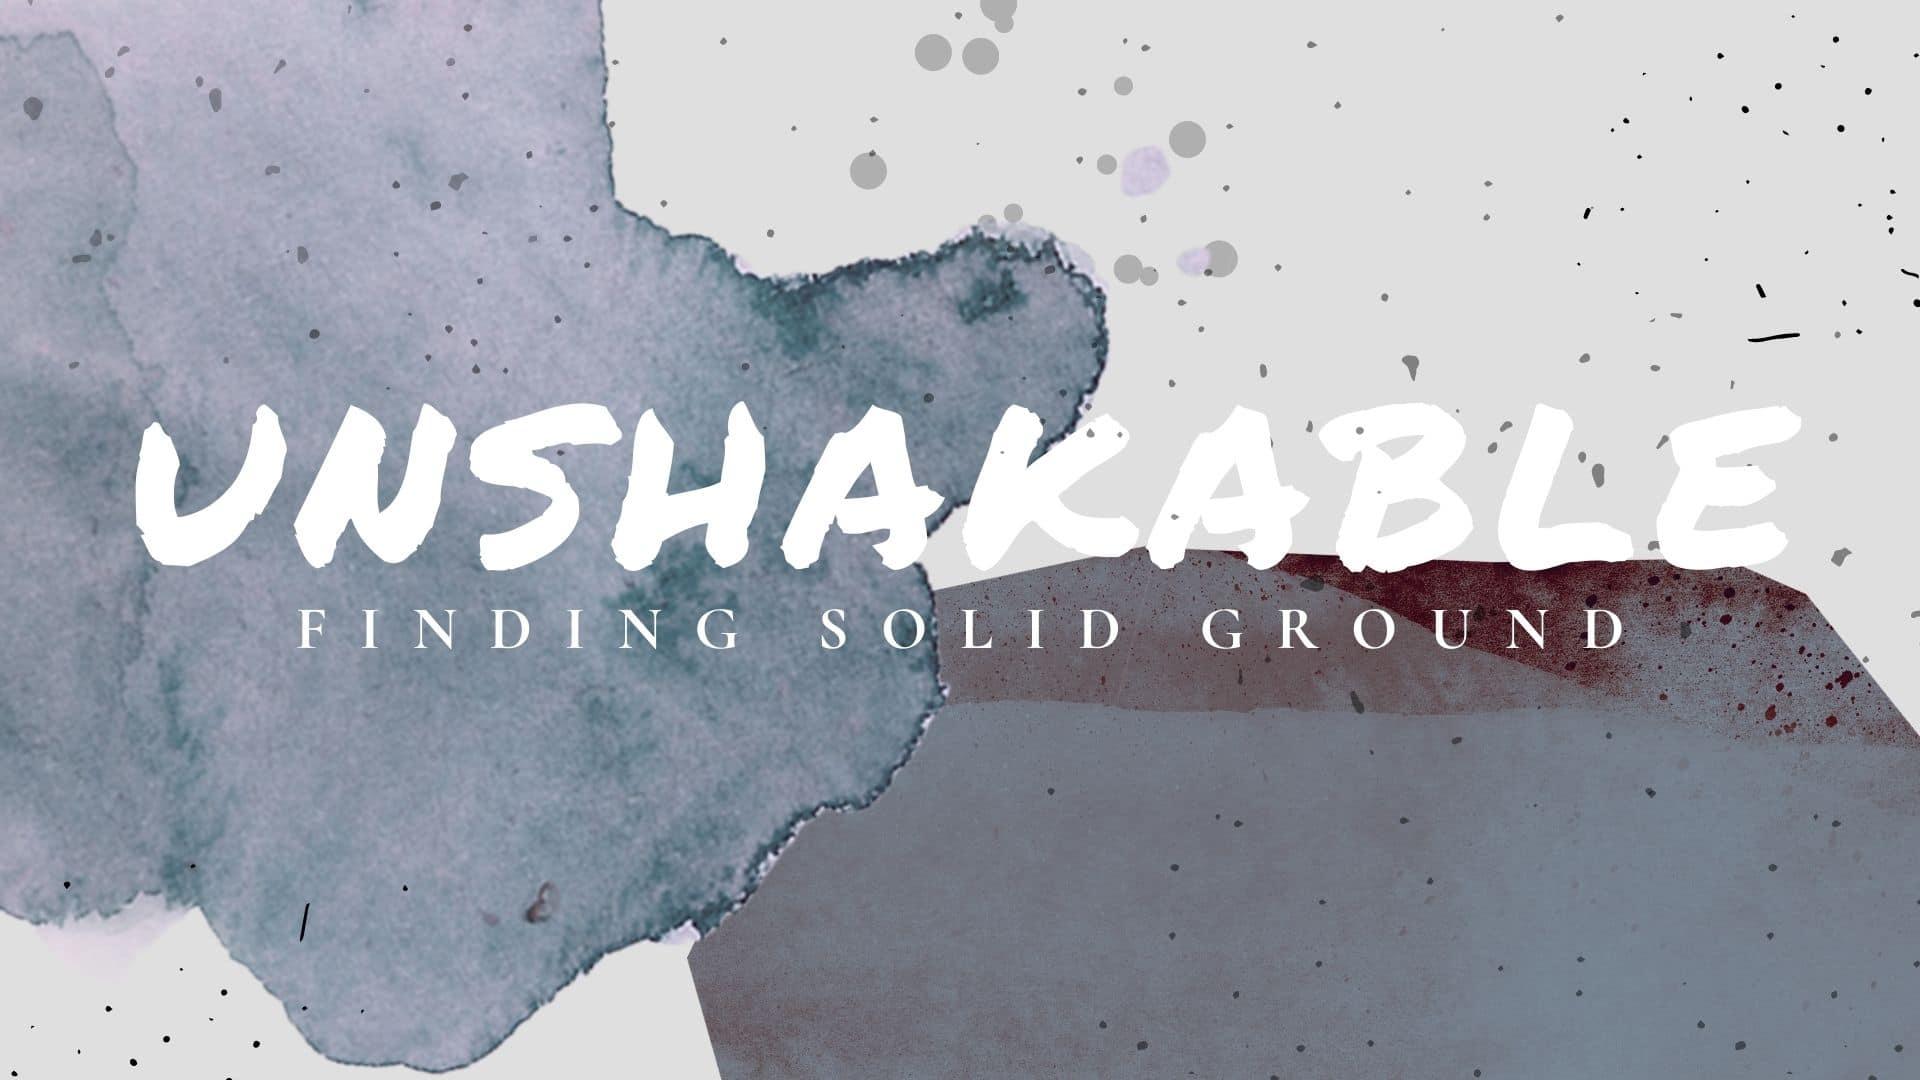 unshakable ground